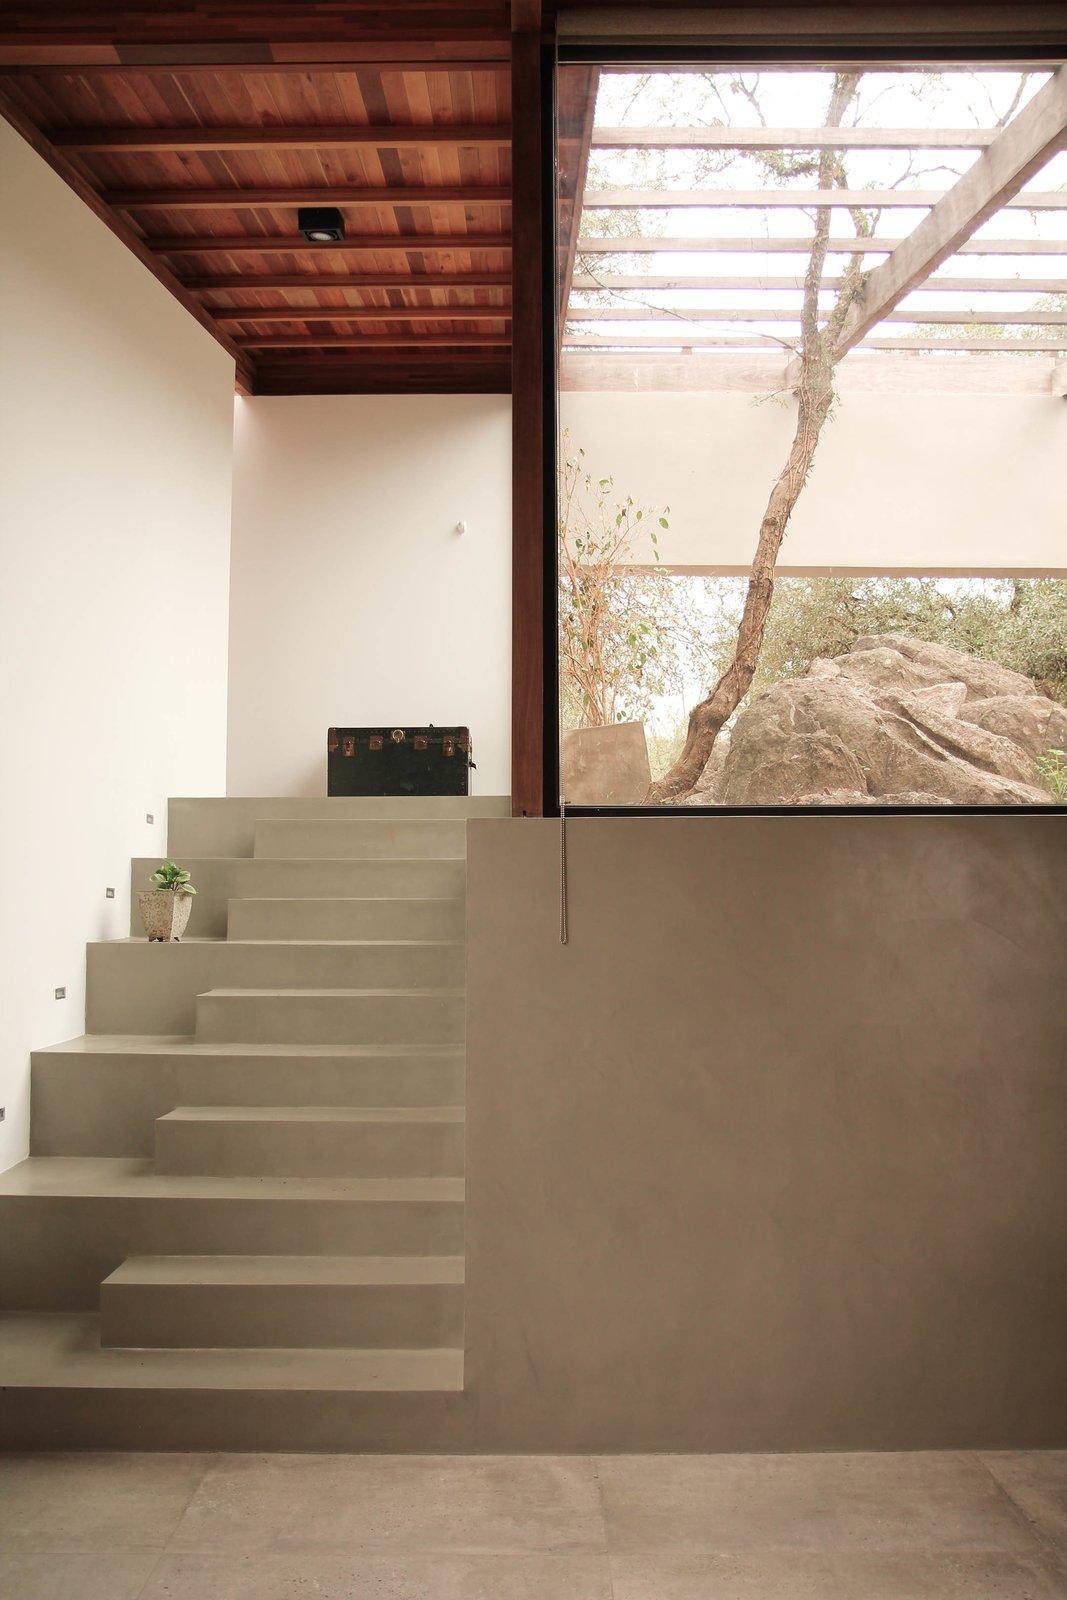 Casa JB staircase